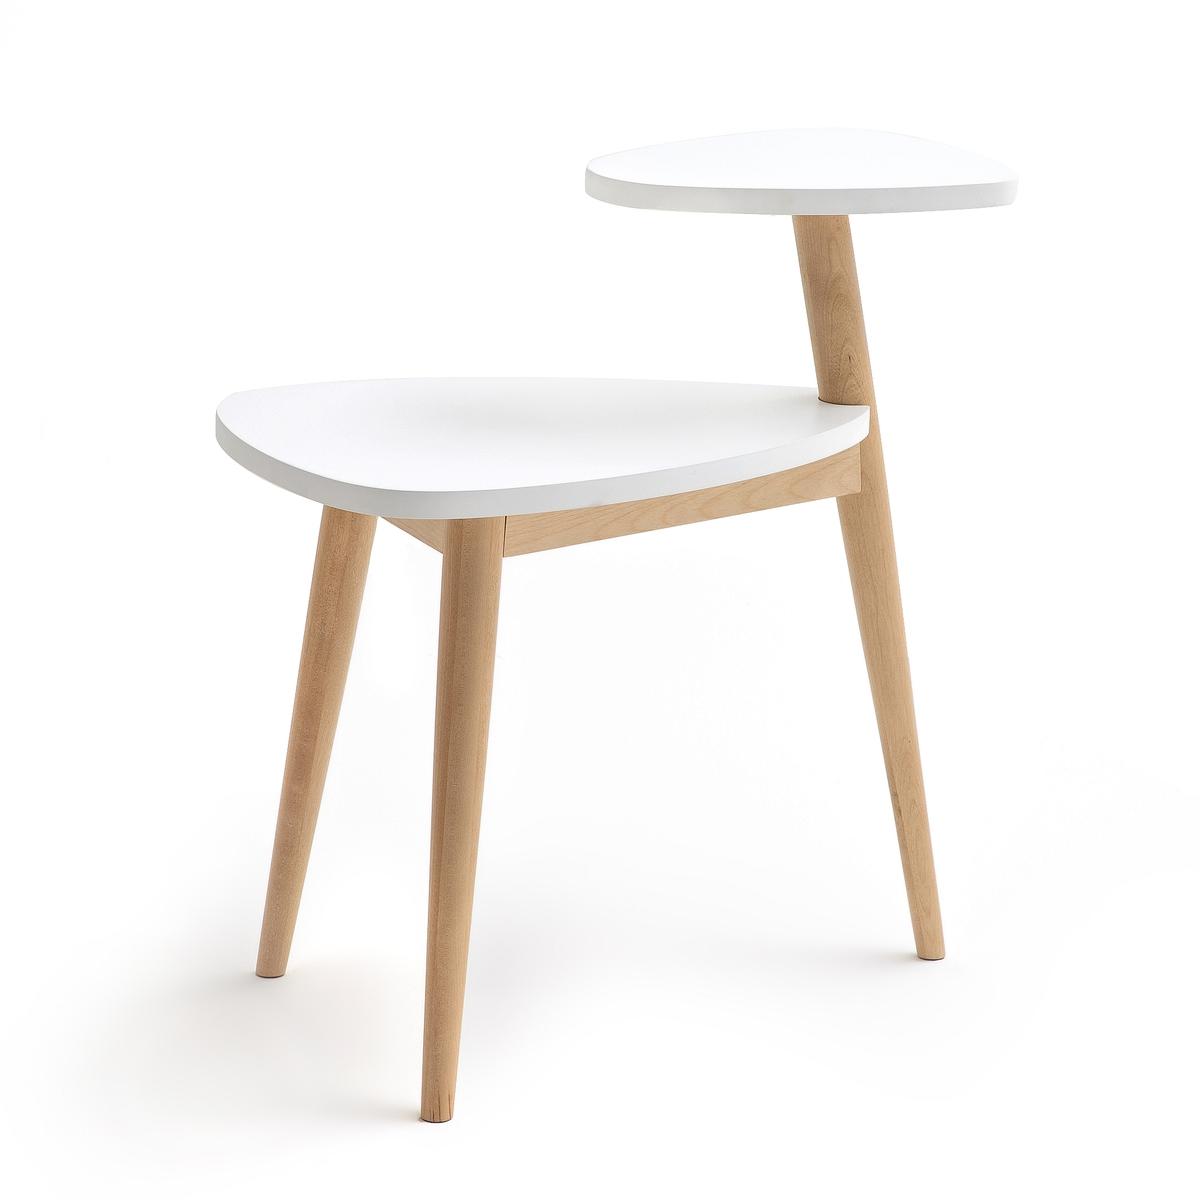 Столик журнальный в винтажном стиле JIMI кресло низкое и широкое в винтажном стиле из велюра с бахромой ramona